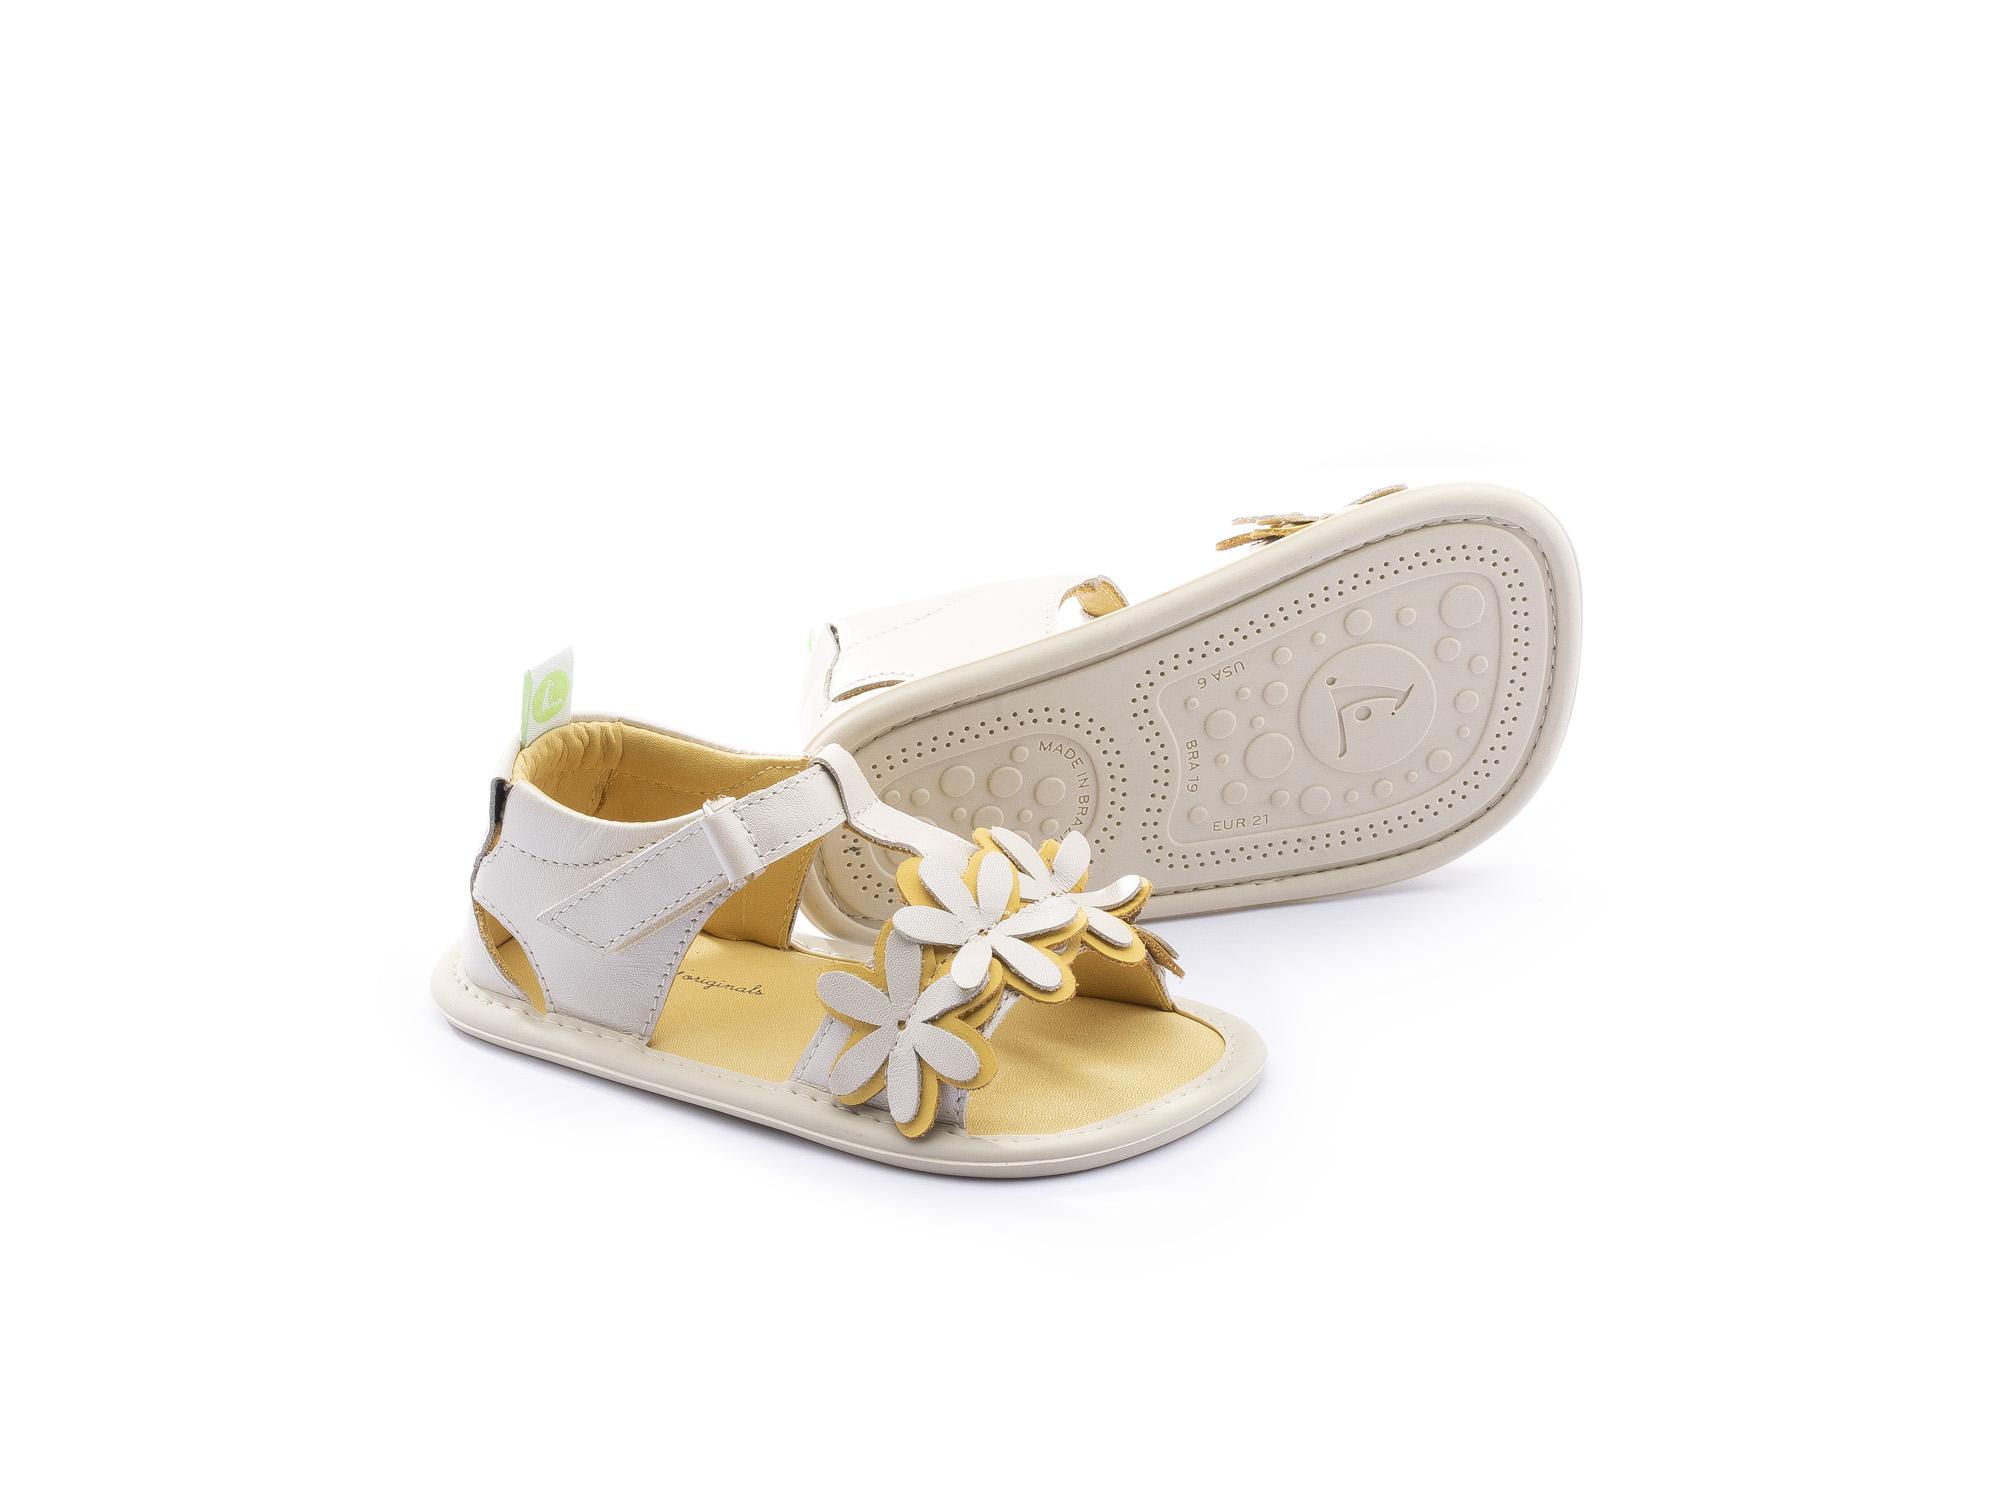 Sandália bebê feminino daisy